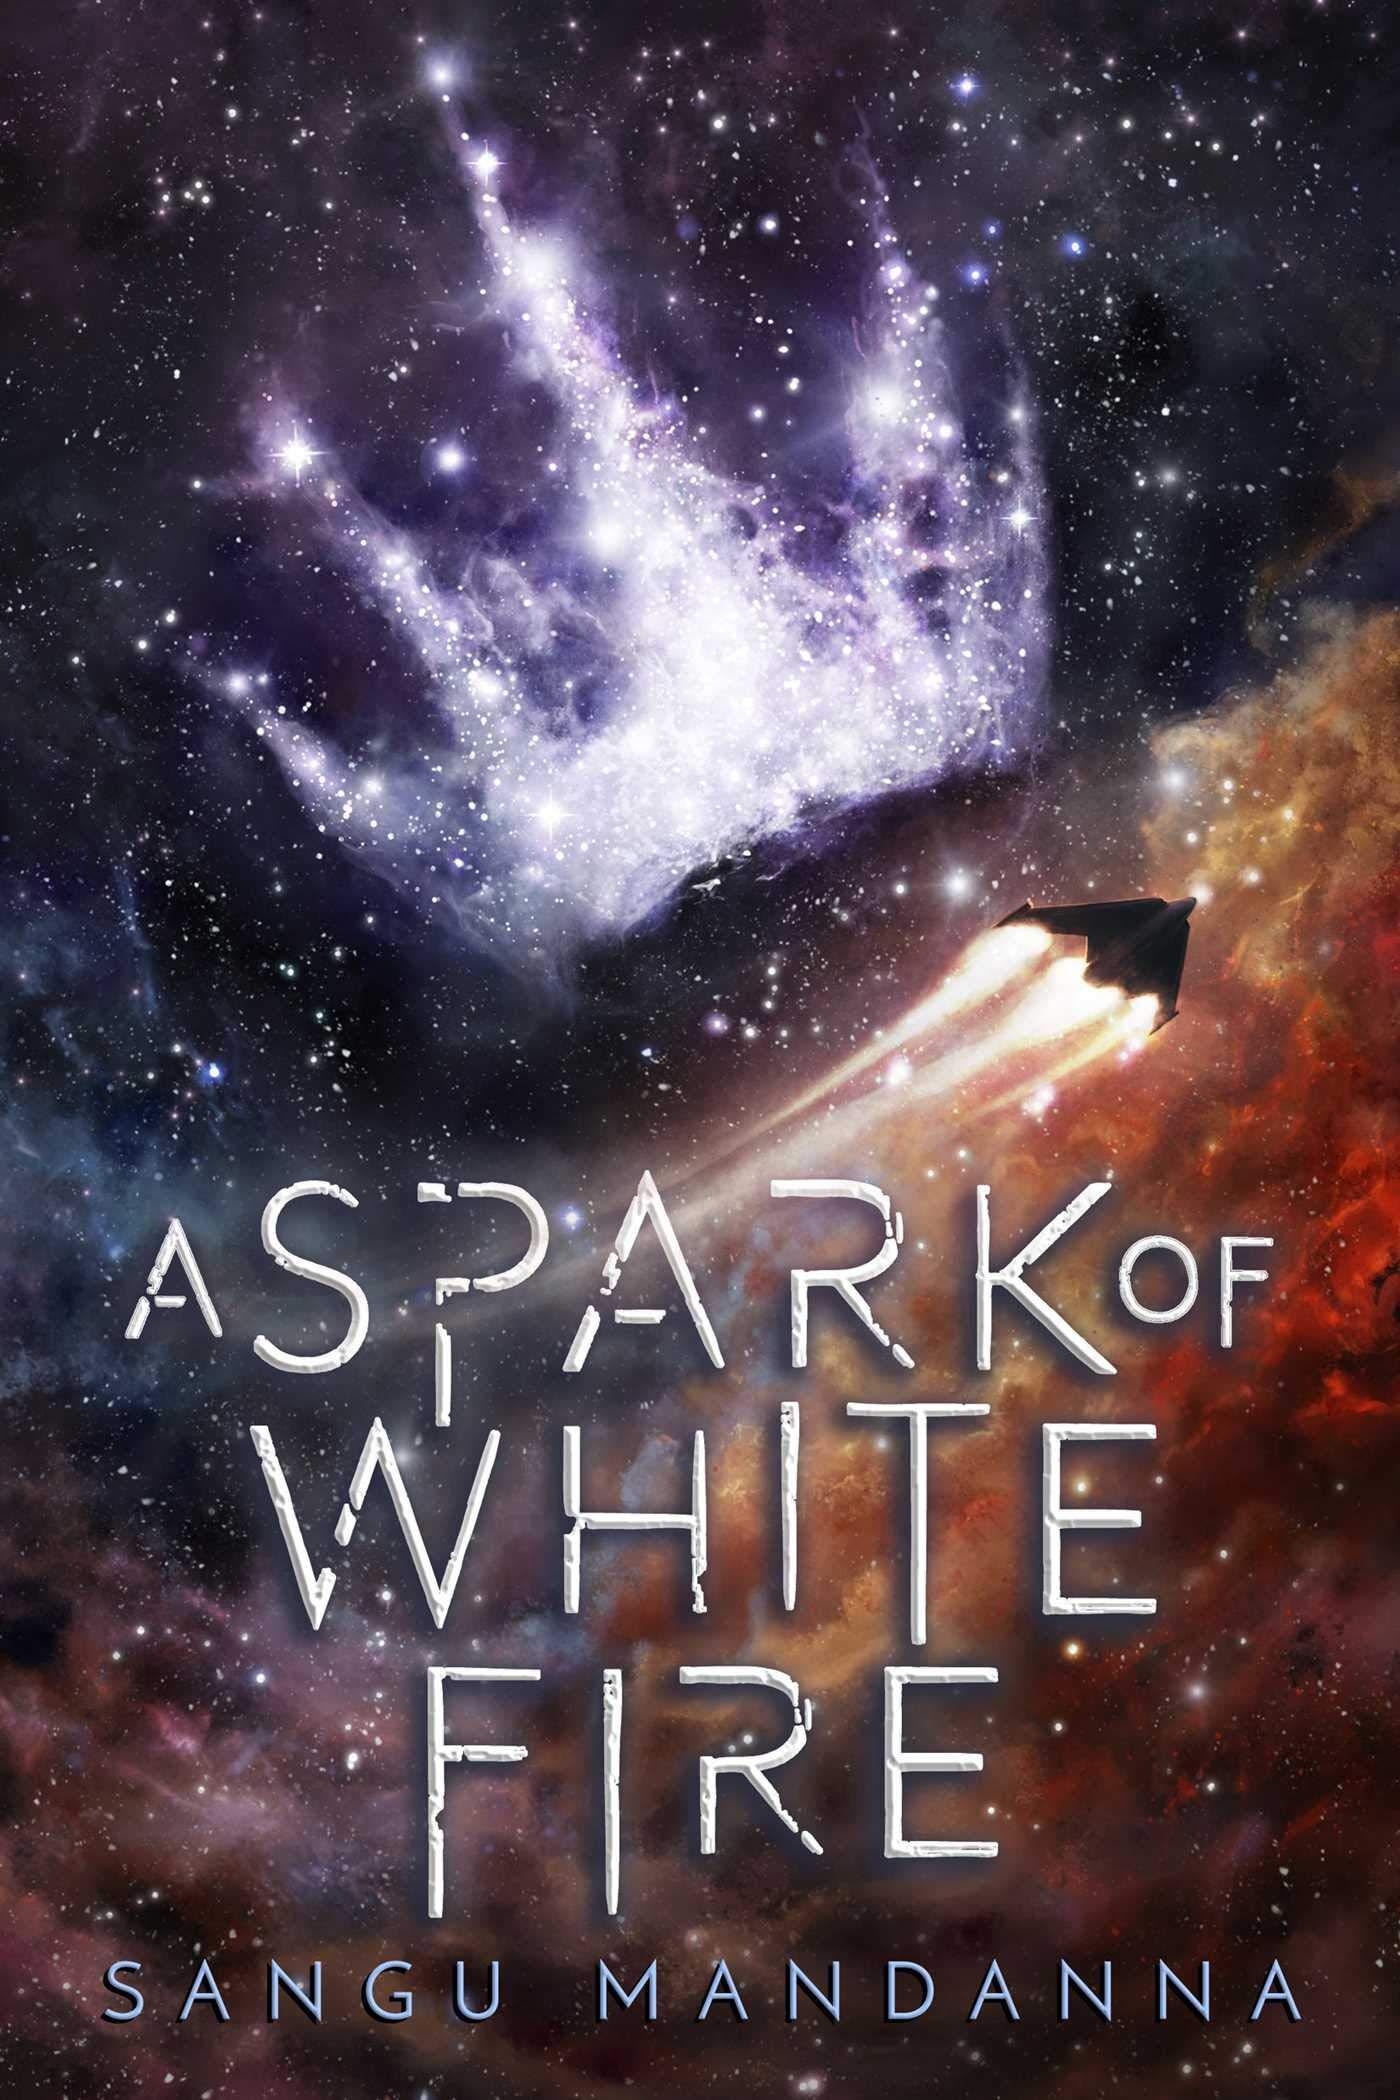 Amazon.com: A Spark of White Fire (Celestial Trilogy) (9781510733787):  Mandanna, Sangu: Books